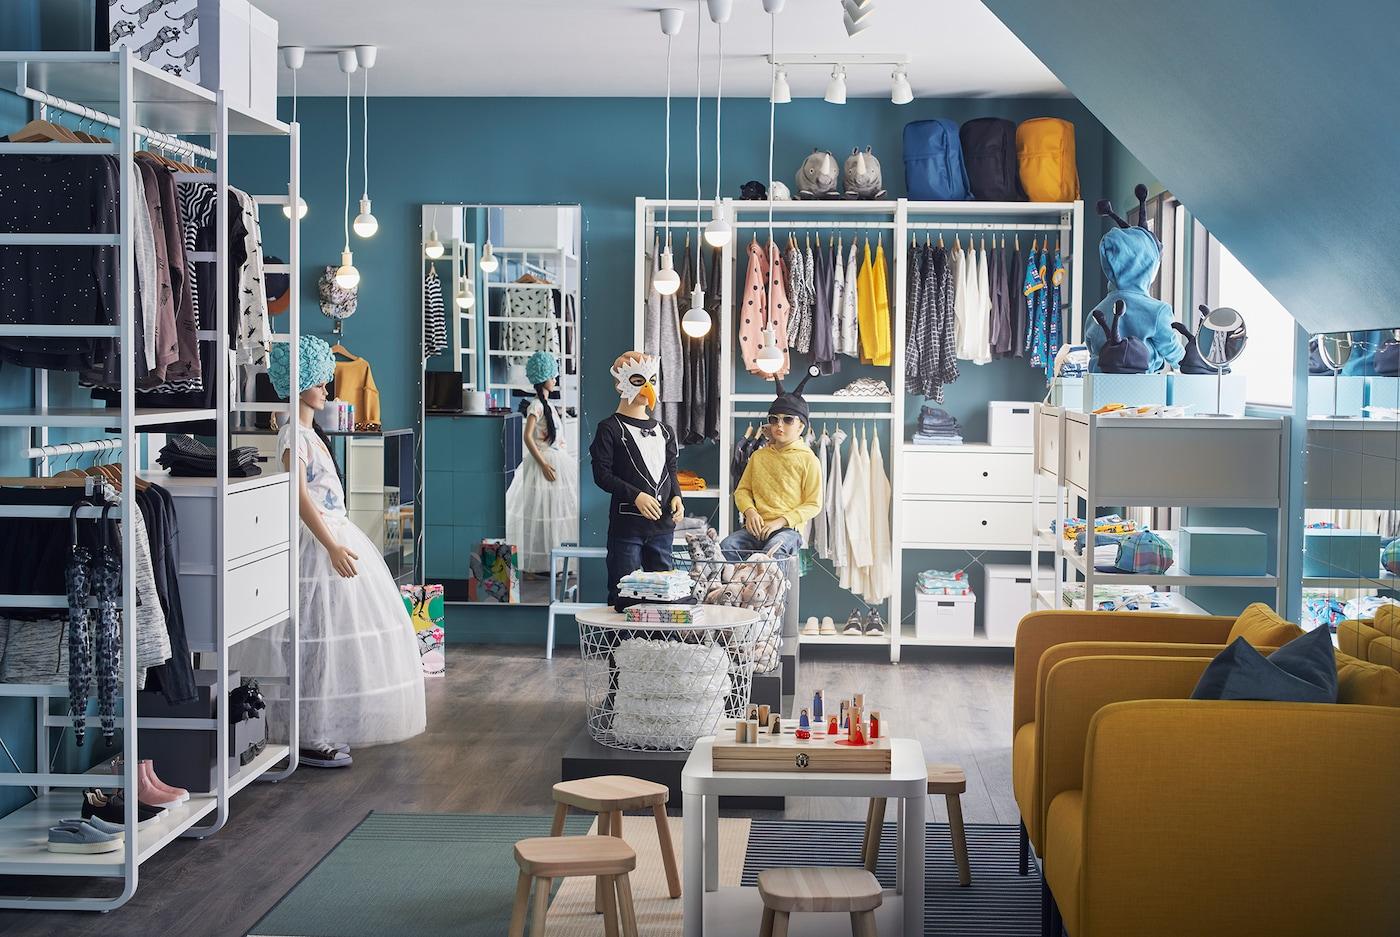 Bekleidungsgeschäft für Kinder mit blauen Wänden, ELVARLI Elementen, gelben Sesseln & Kleidungsstücken.